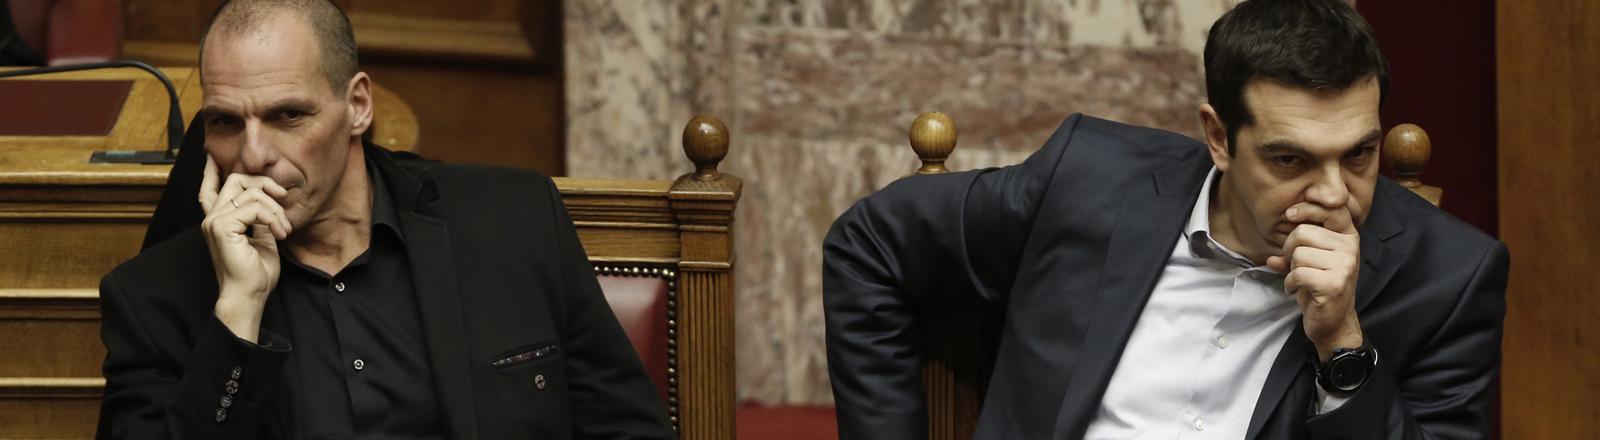 Jannis Varoufakis und Alexis Tsipras im griechischen Parlament